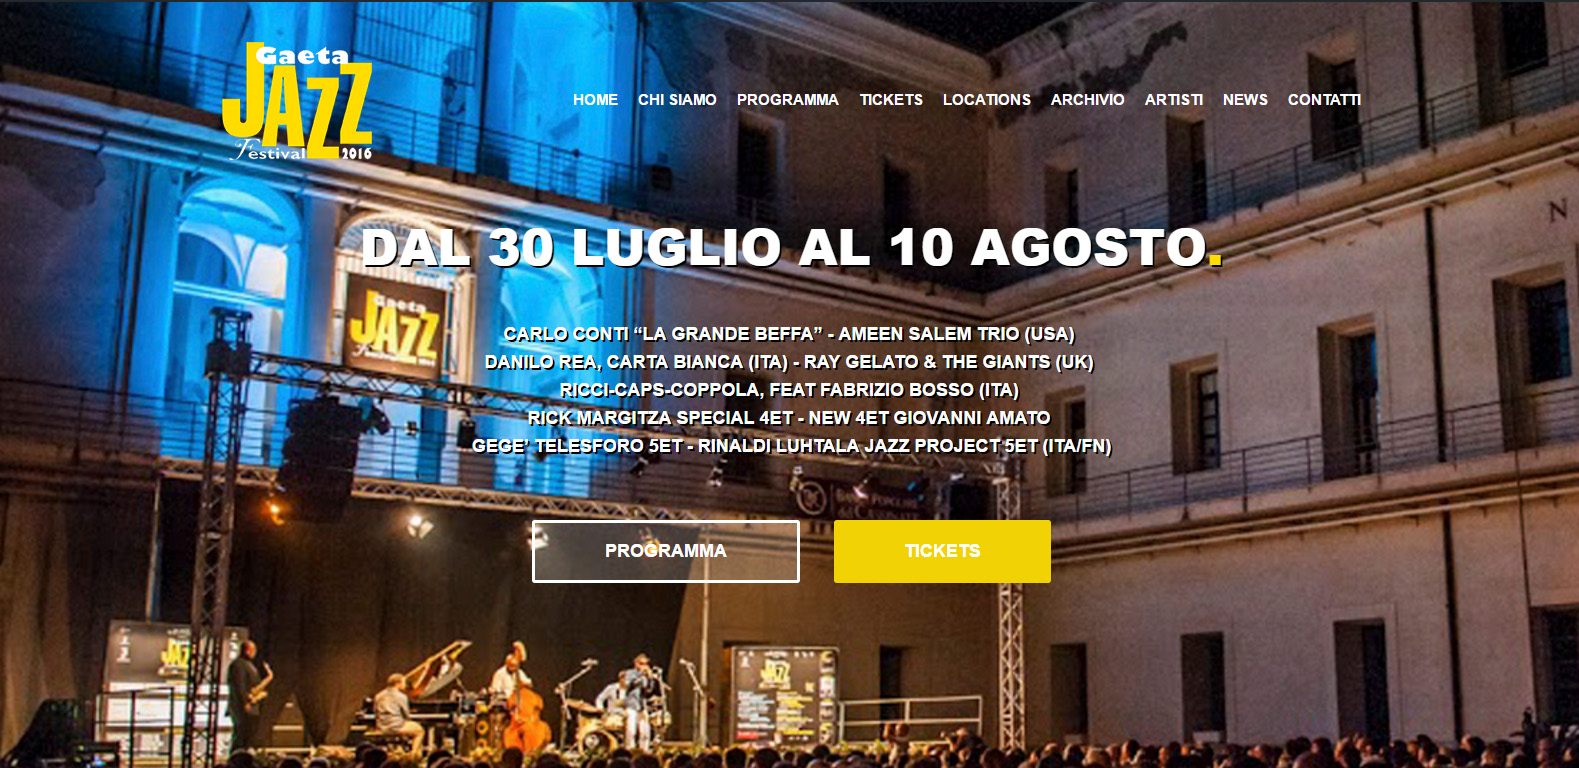 Gaeta Jazz Festival 2016, nuova edizione, nuovo sito